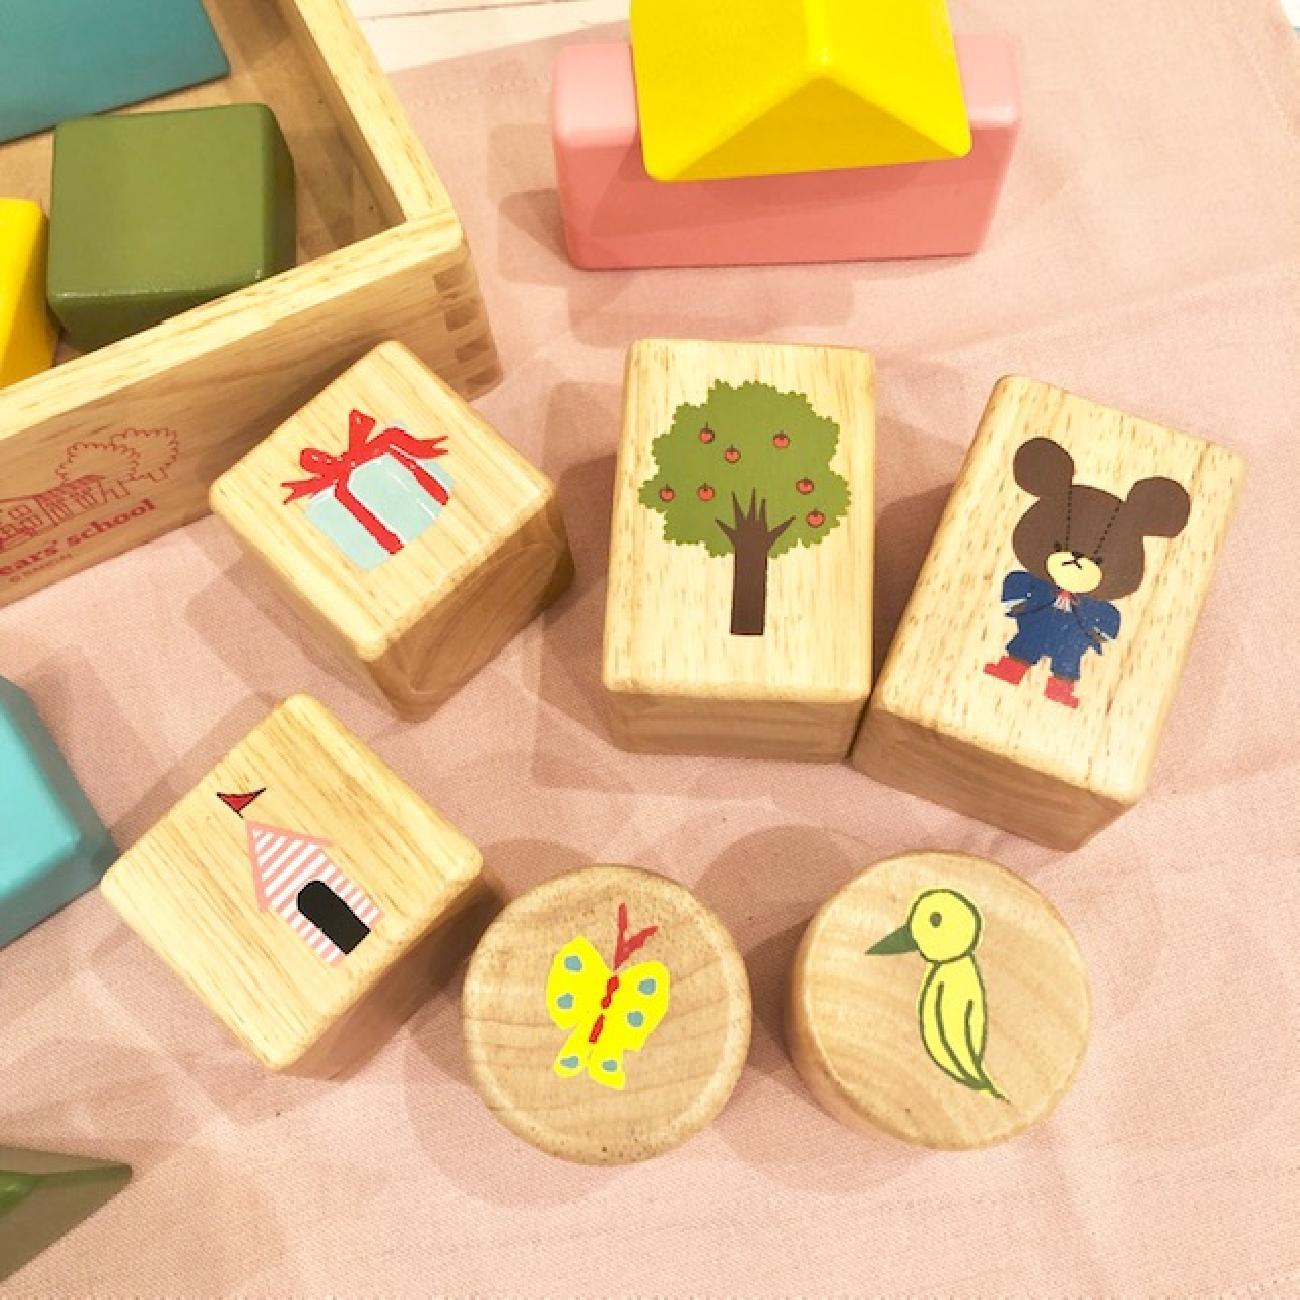 音積み木/木製/くまのがっこう/だいすきおとつみき/ベビー/出産ギフト/知育玩具